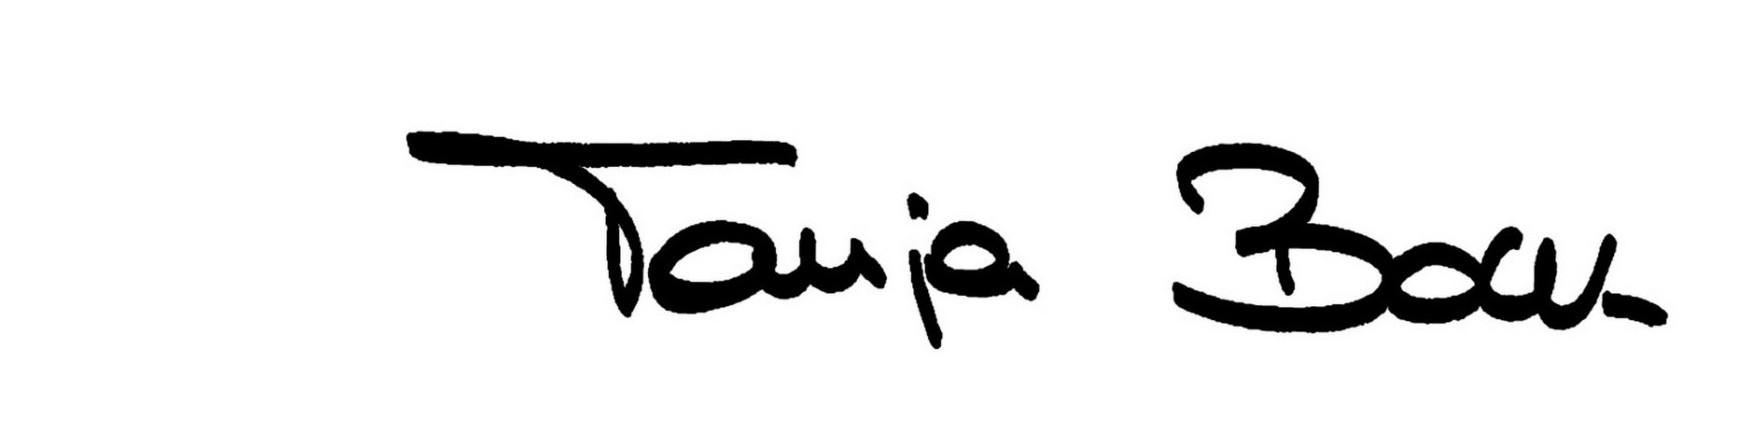 signature 09